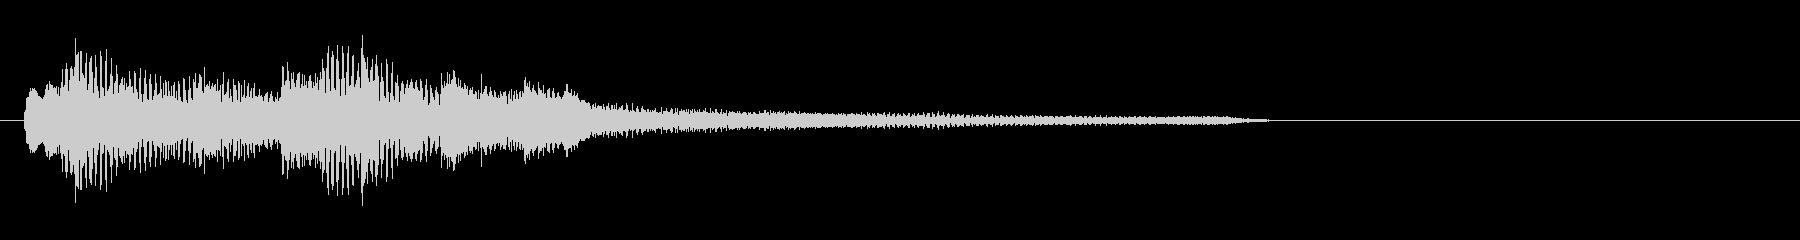 ピアノだけのシンプルで綺麗なジングル17の未再生の波形